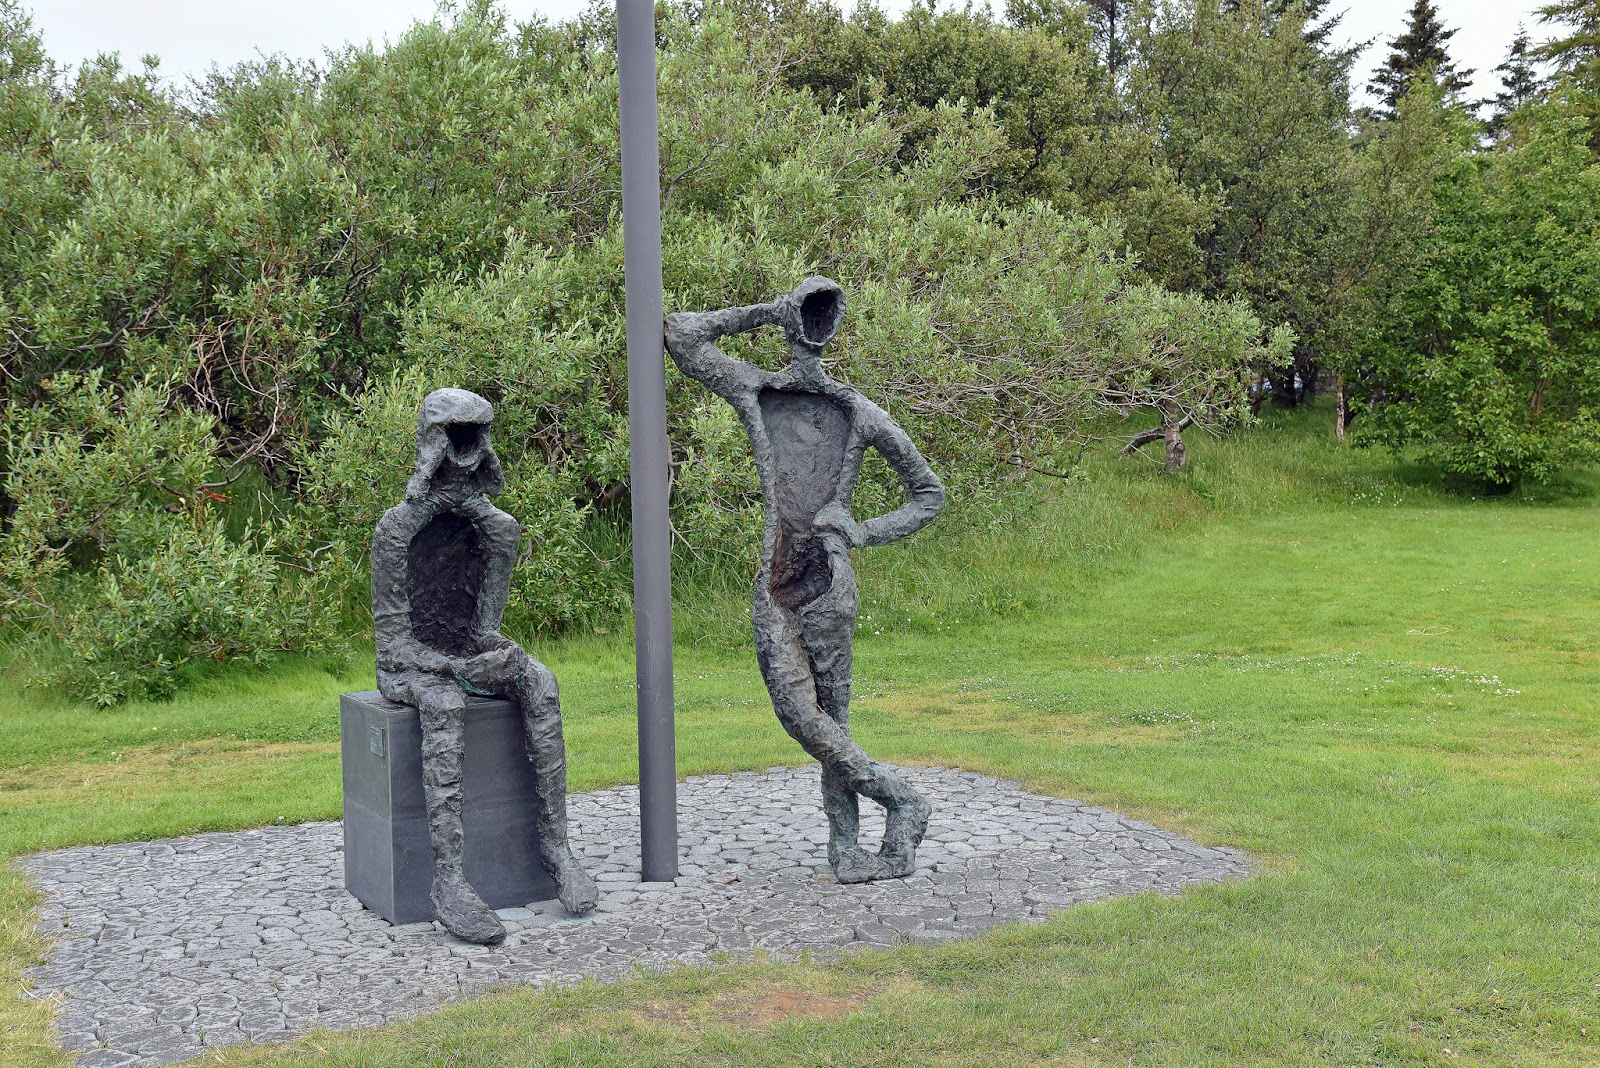 Perlufestin sculpture by Thorbjorg Palsdottir. In Hljomskalagardurinn Public Park, Reykjavik.